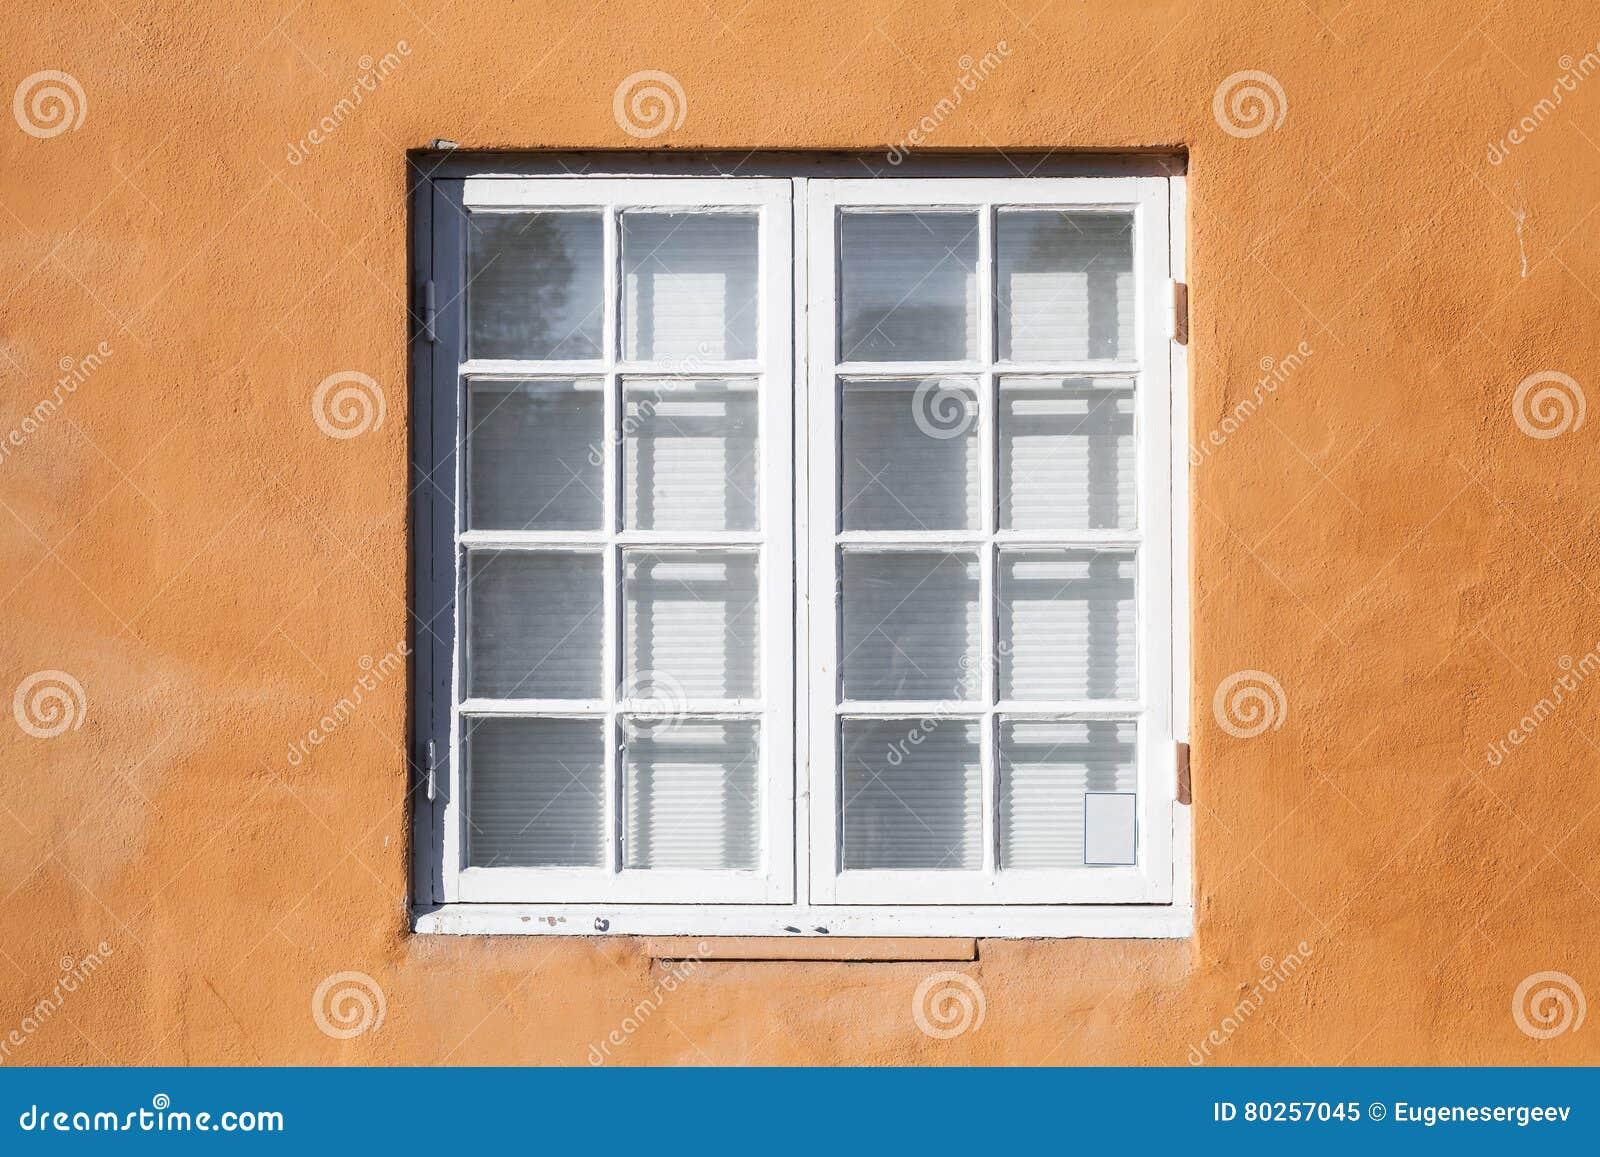 fen tre carr e dans le cadre en bois blanc image stock image du rural blanc 80257045. Black Bedroom Furniture Sets. Home Design Ideas